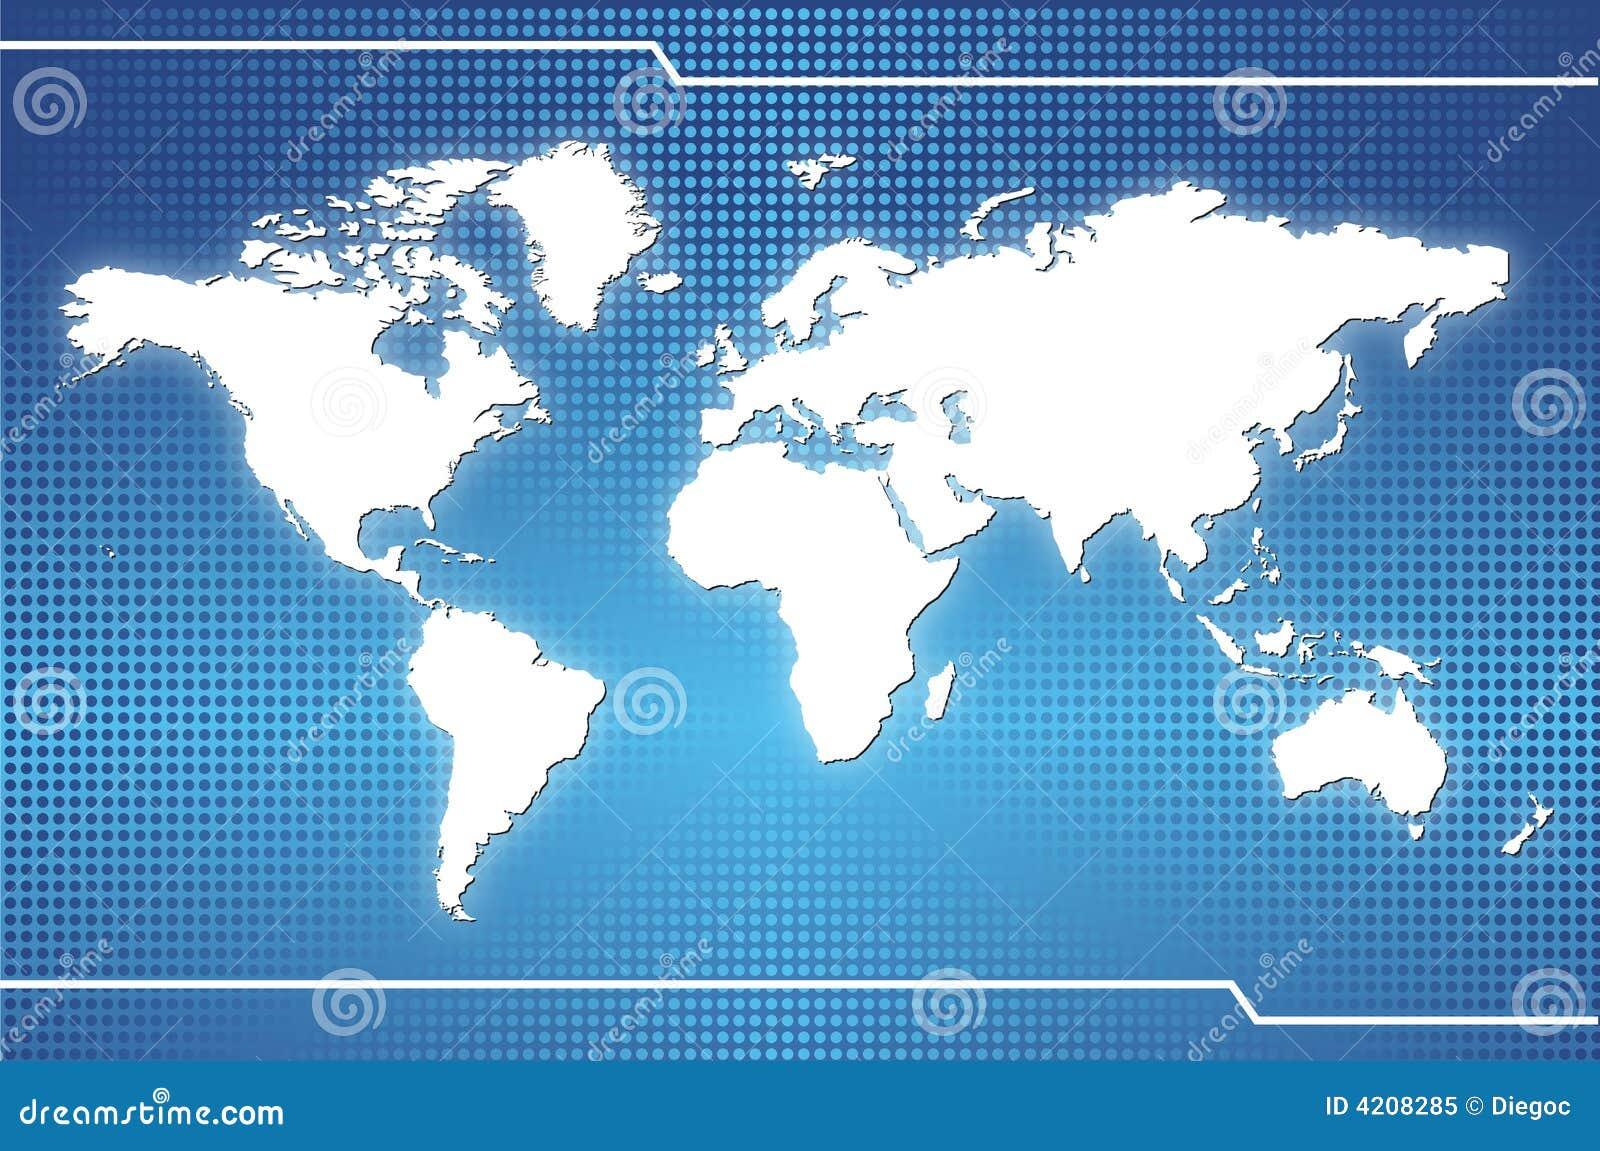 World map stock illustration illustration of australia 4208285 world map royalty free stock photo gumiabroncs Images